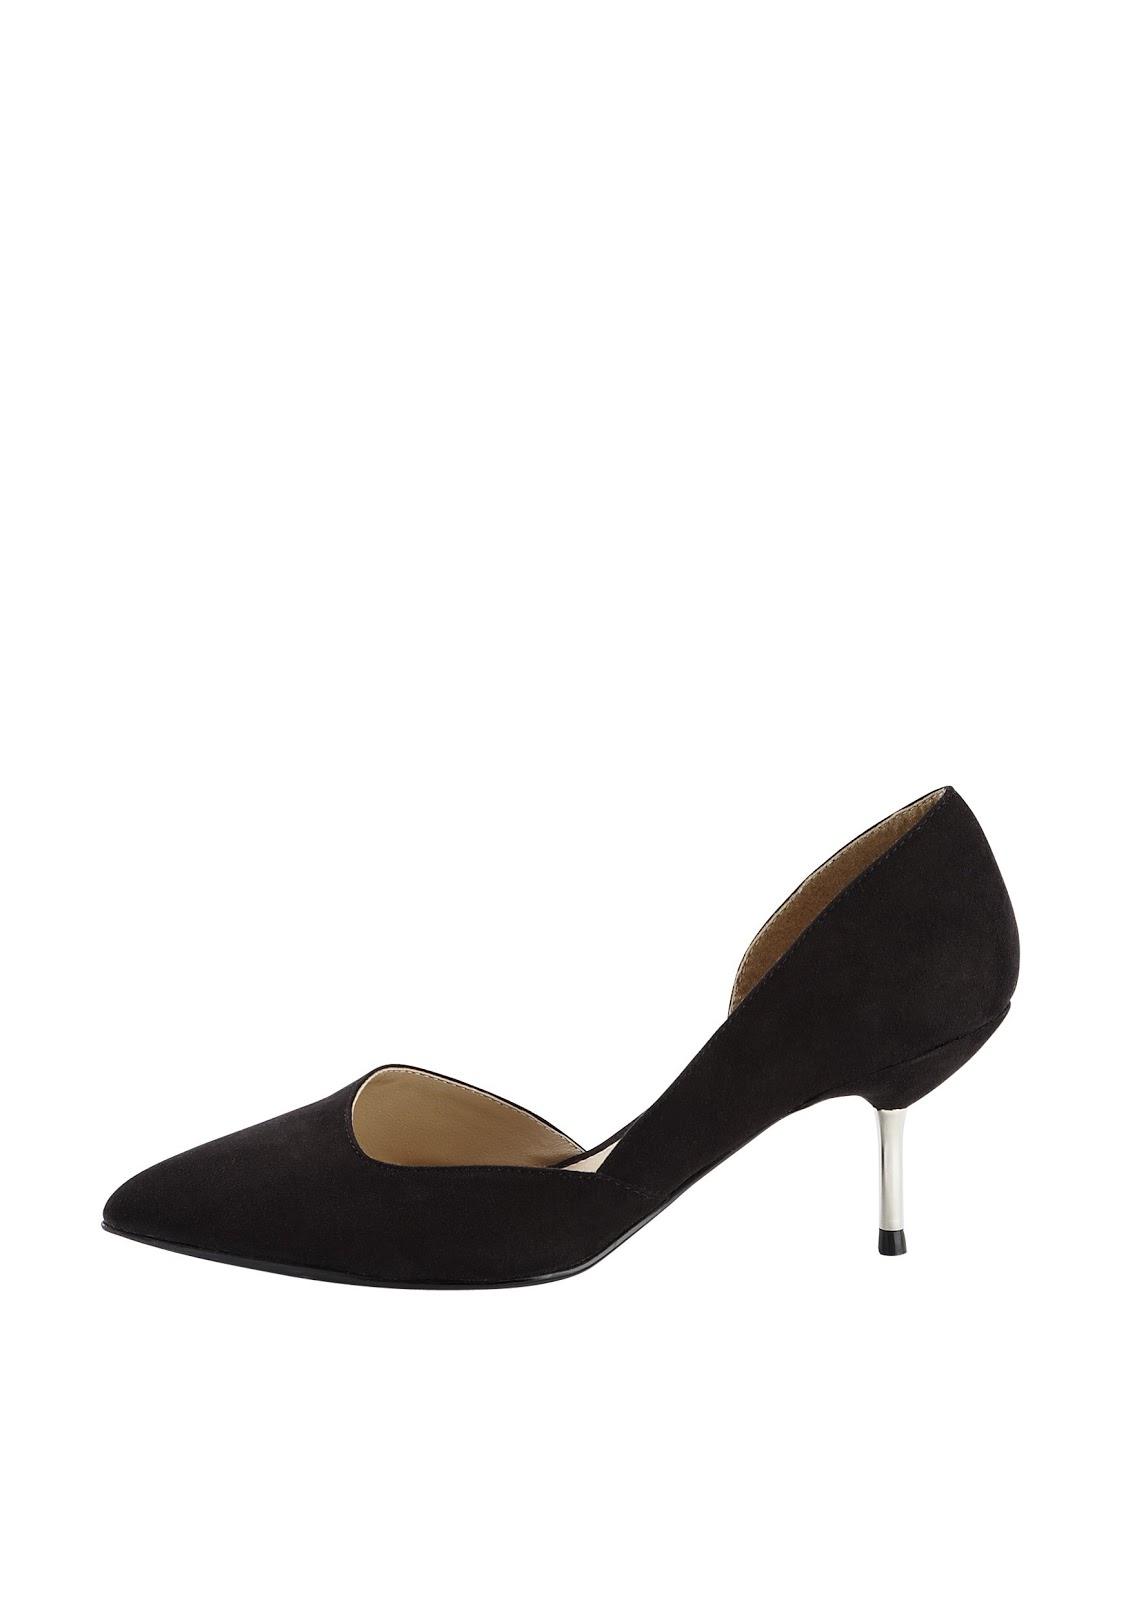 http://2.bp.blogspot.com/-5fWn8tustJU/UNLc4xtSEbI/AAAAAAAAAfY/UnMQw2LEfw8/s1600/Metallic+Kitten+Heel+Shoes+Black+44.jpg